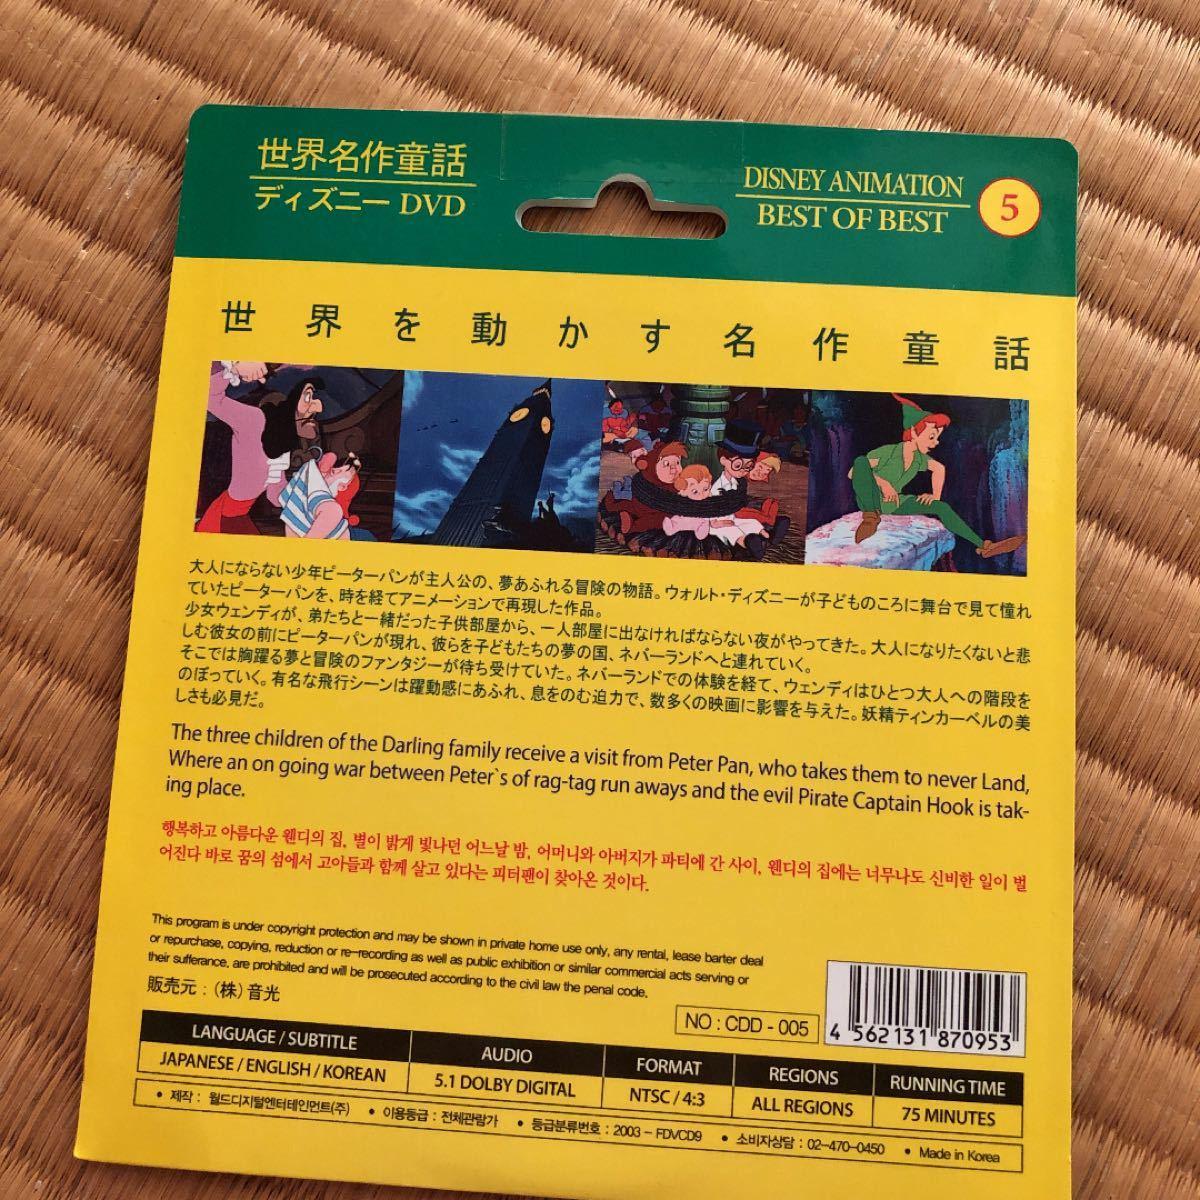 DVD ディズニー ピーターパン (紙ケース仕様)